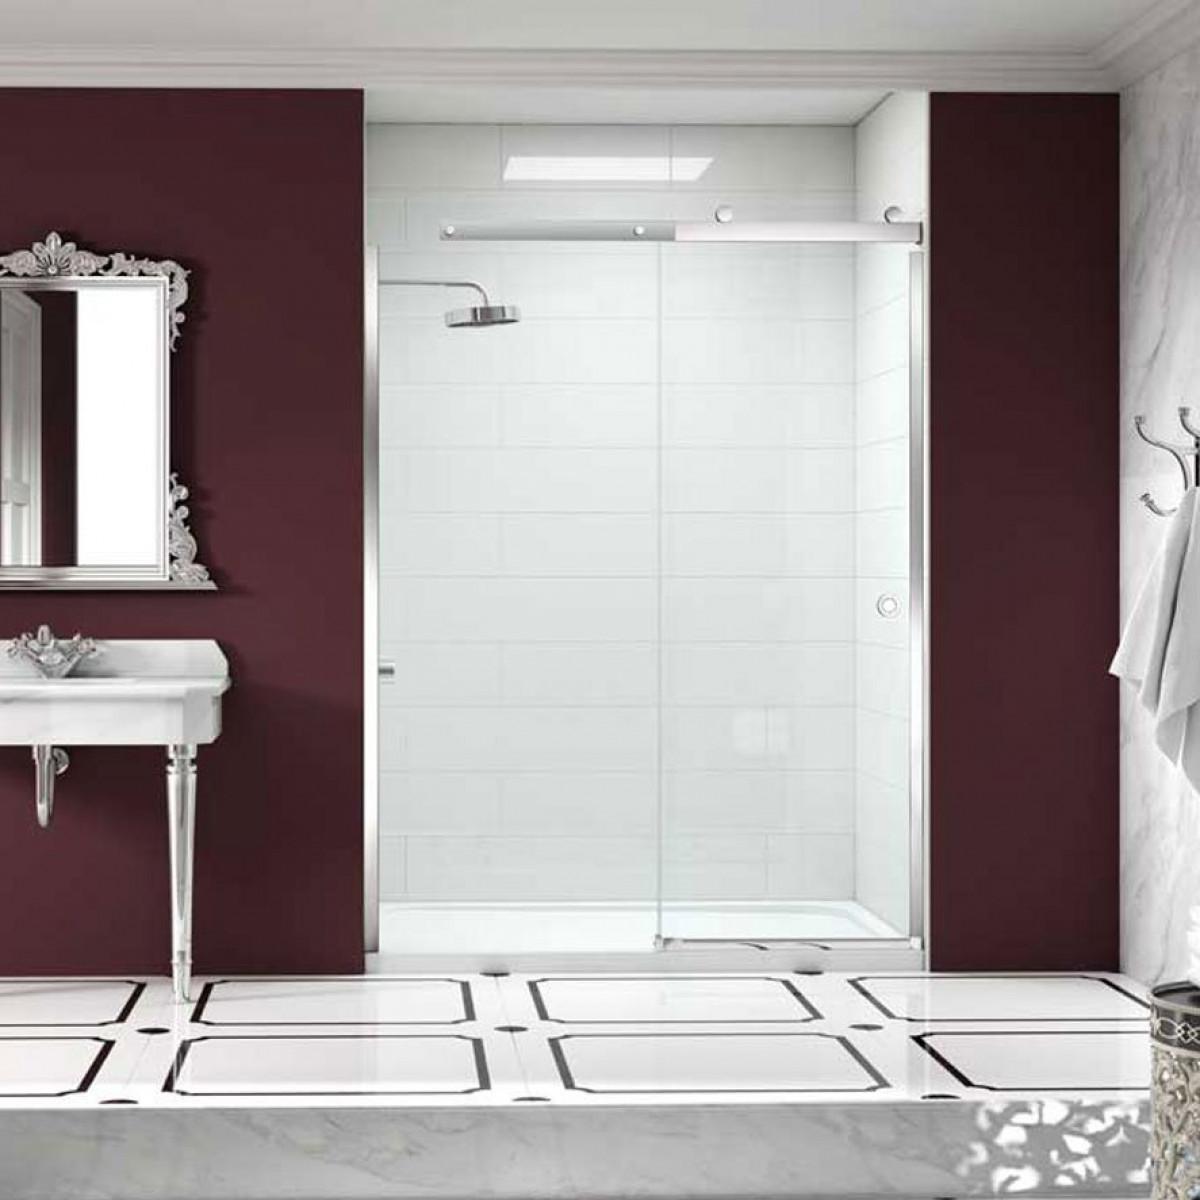 Merlyn 10 series 1200mm sliding shower door for 1200mm shower door